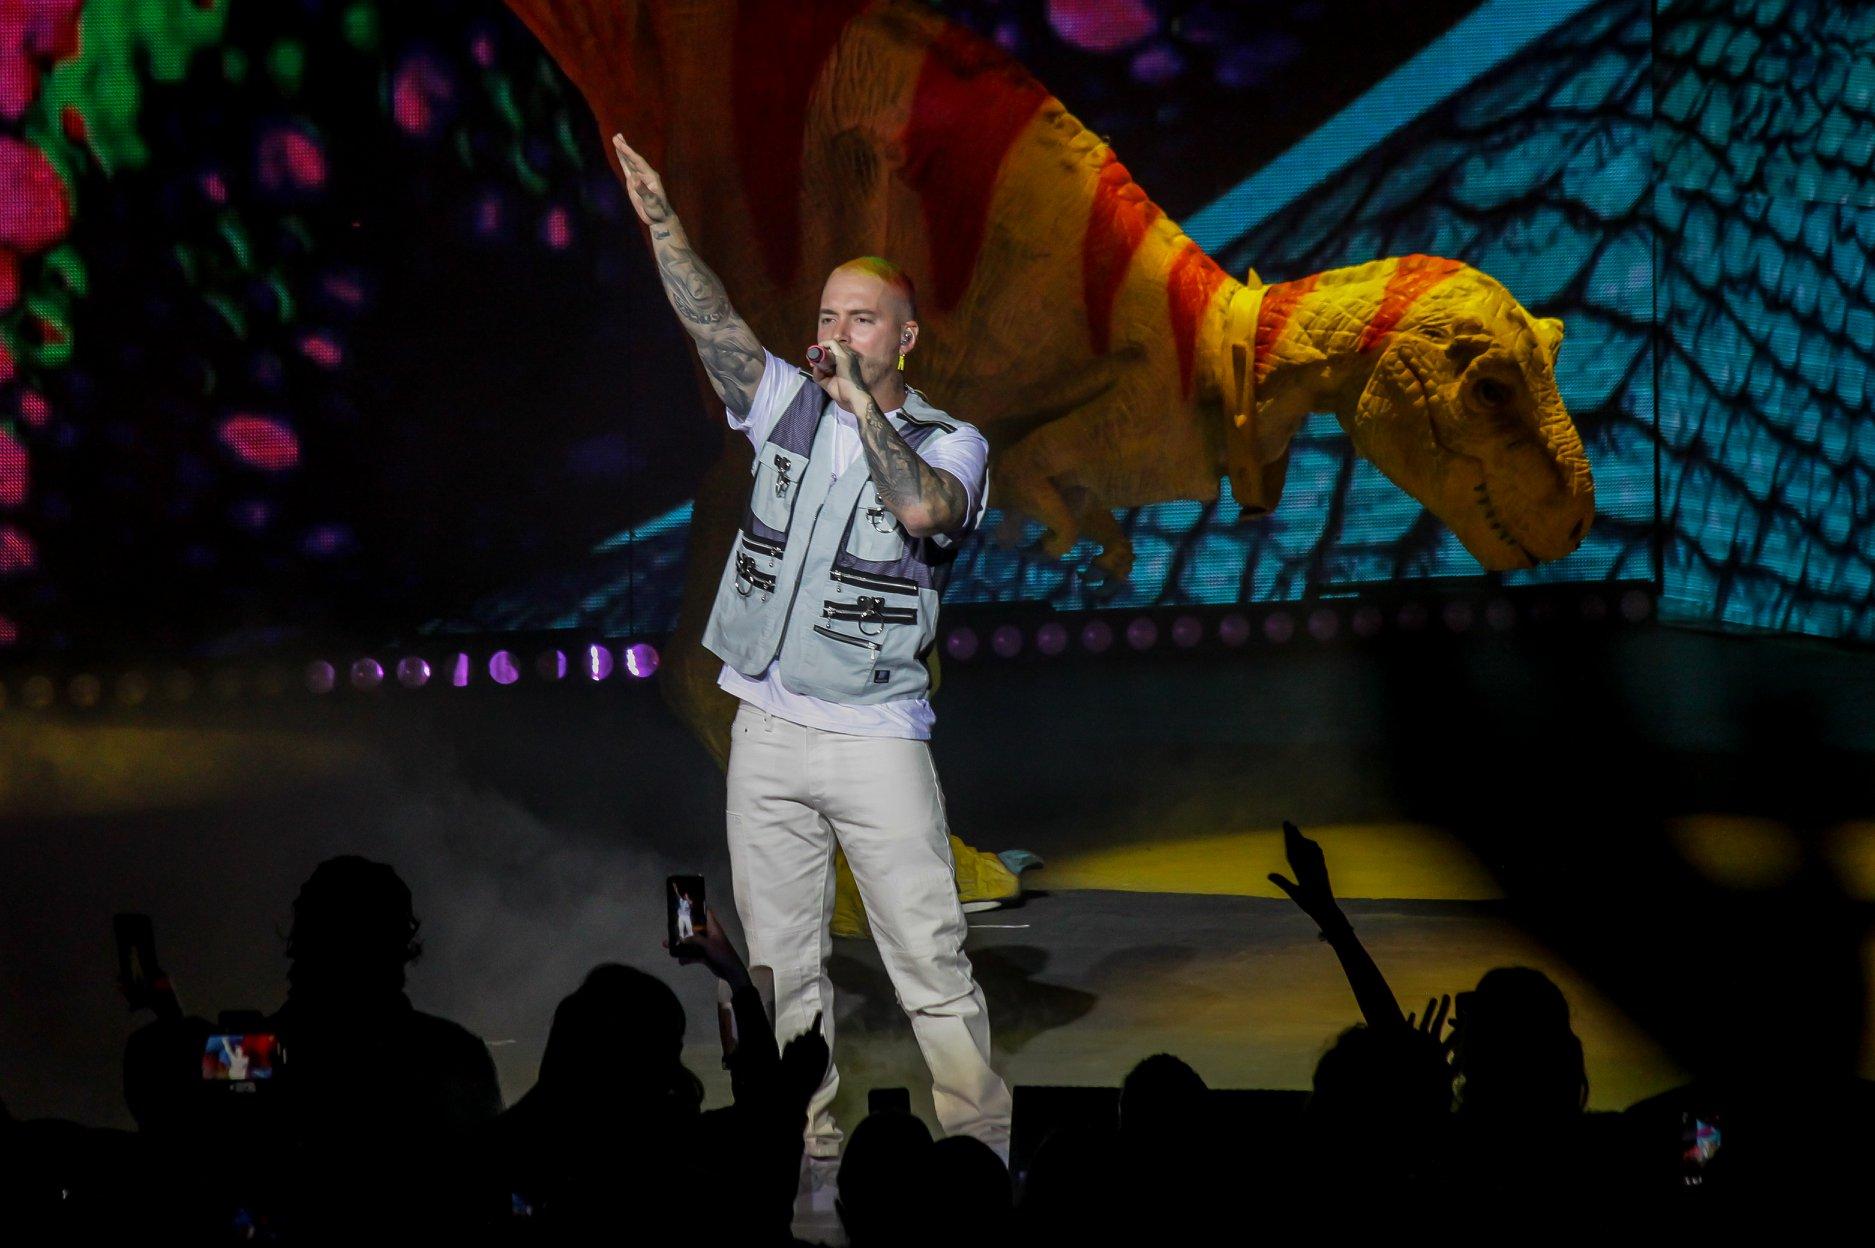 J Balvin - Vibras tour, Auditorio Telmex